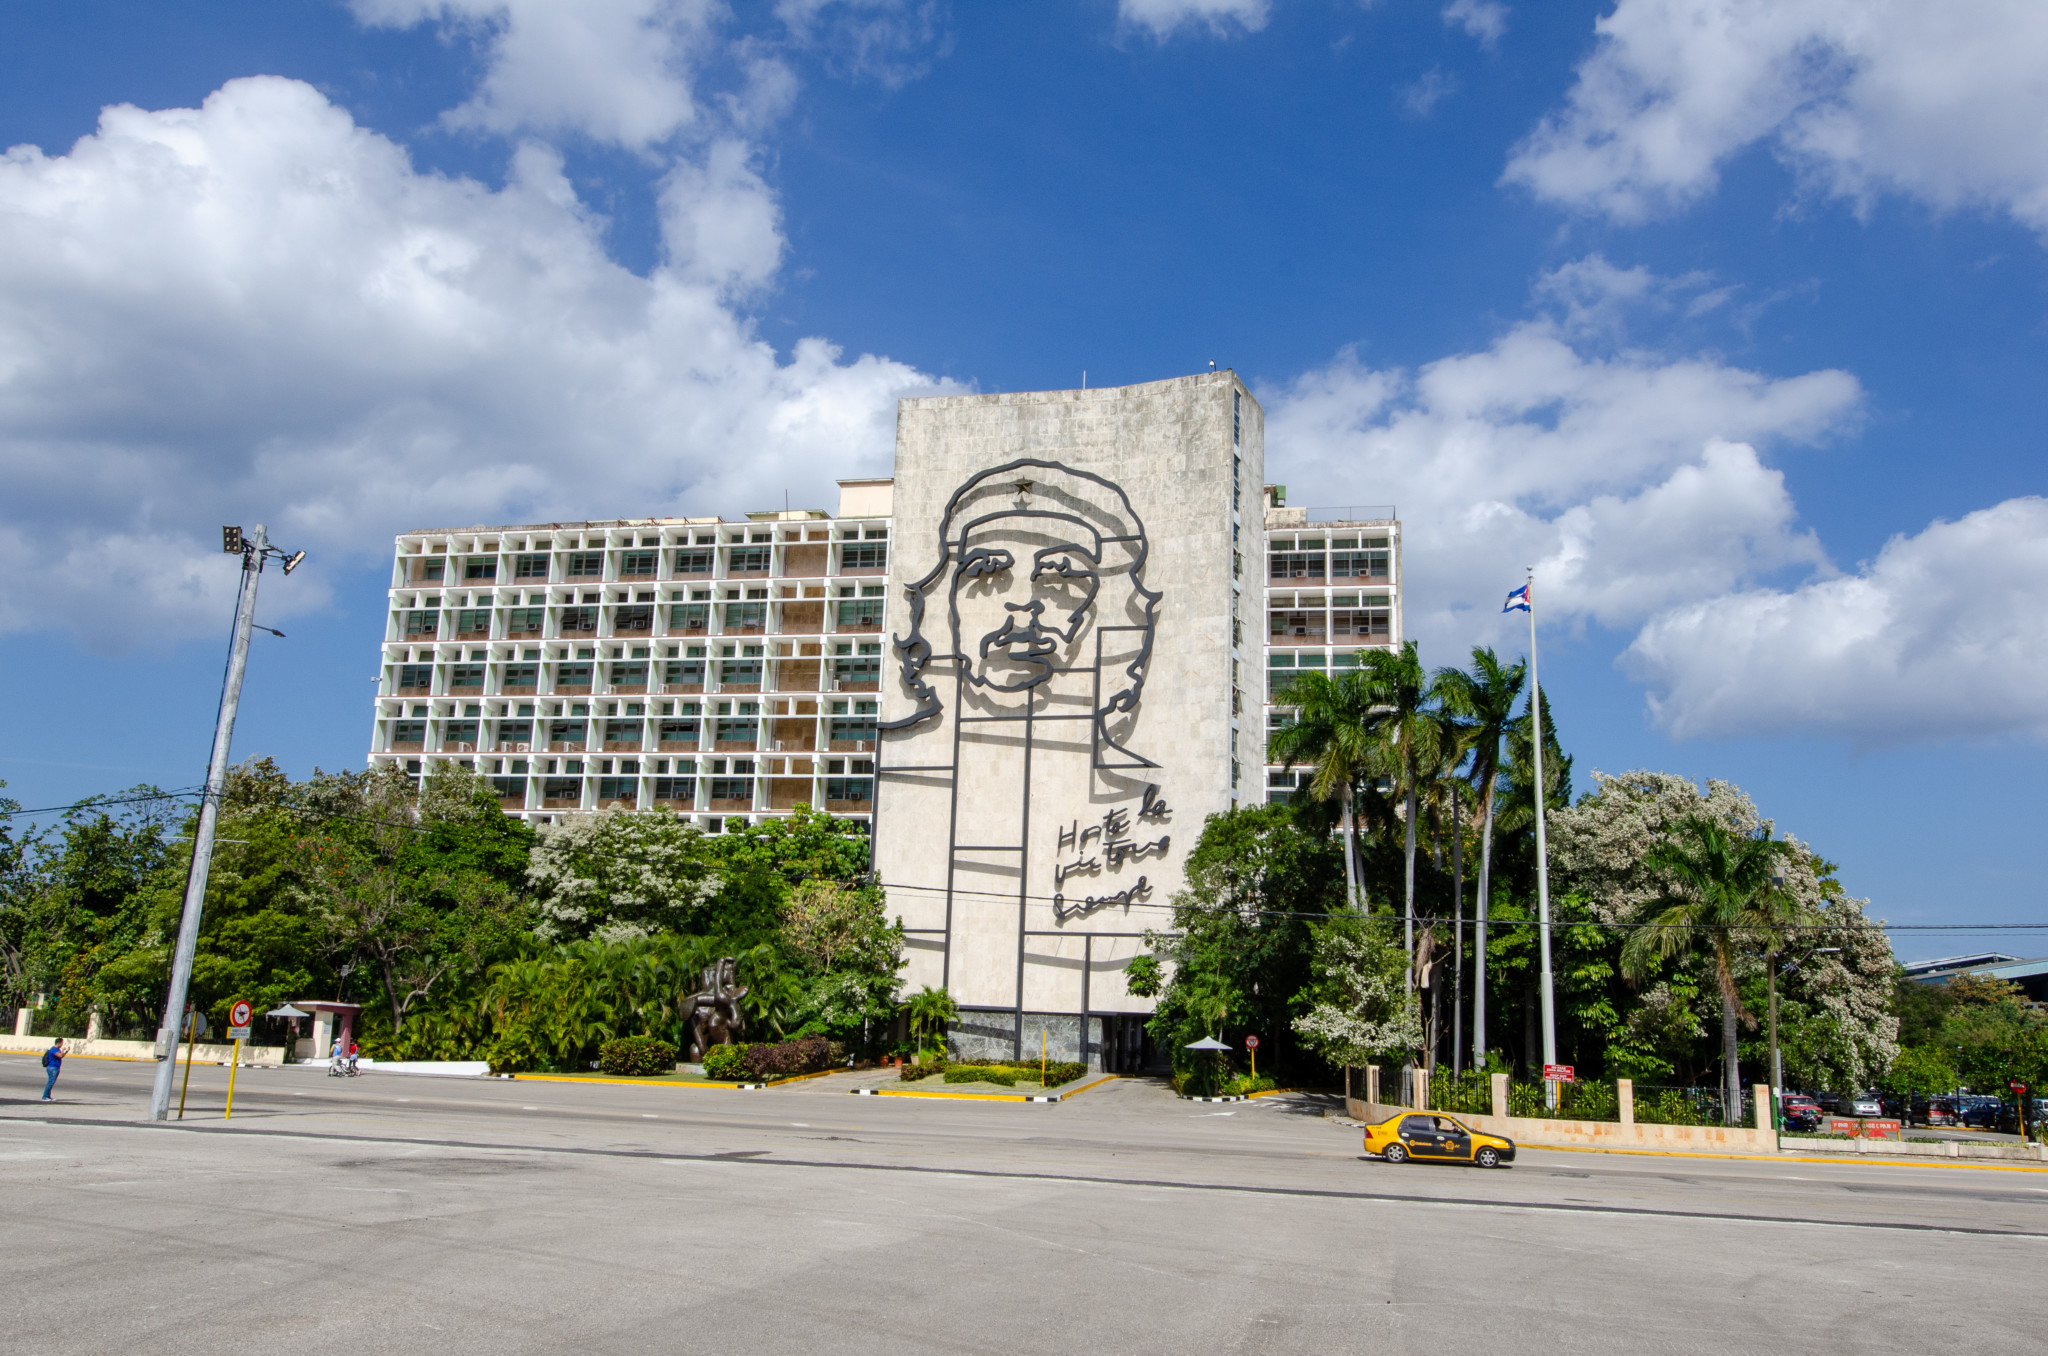 Unsere Kuba Reiseroute startet in Havanna